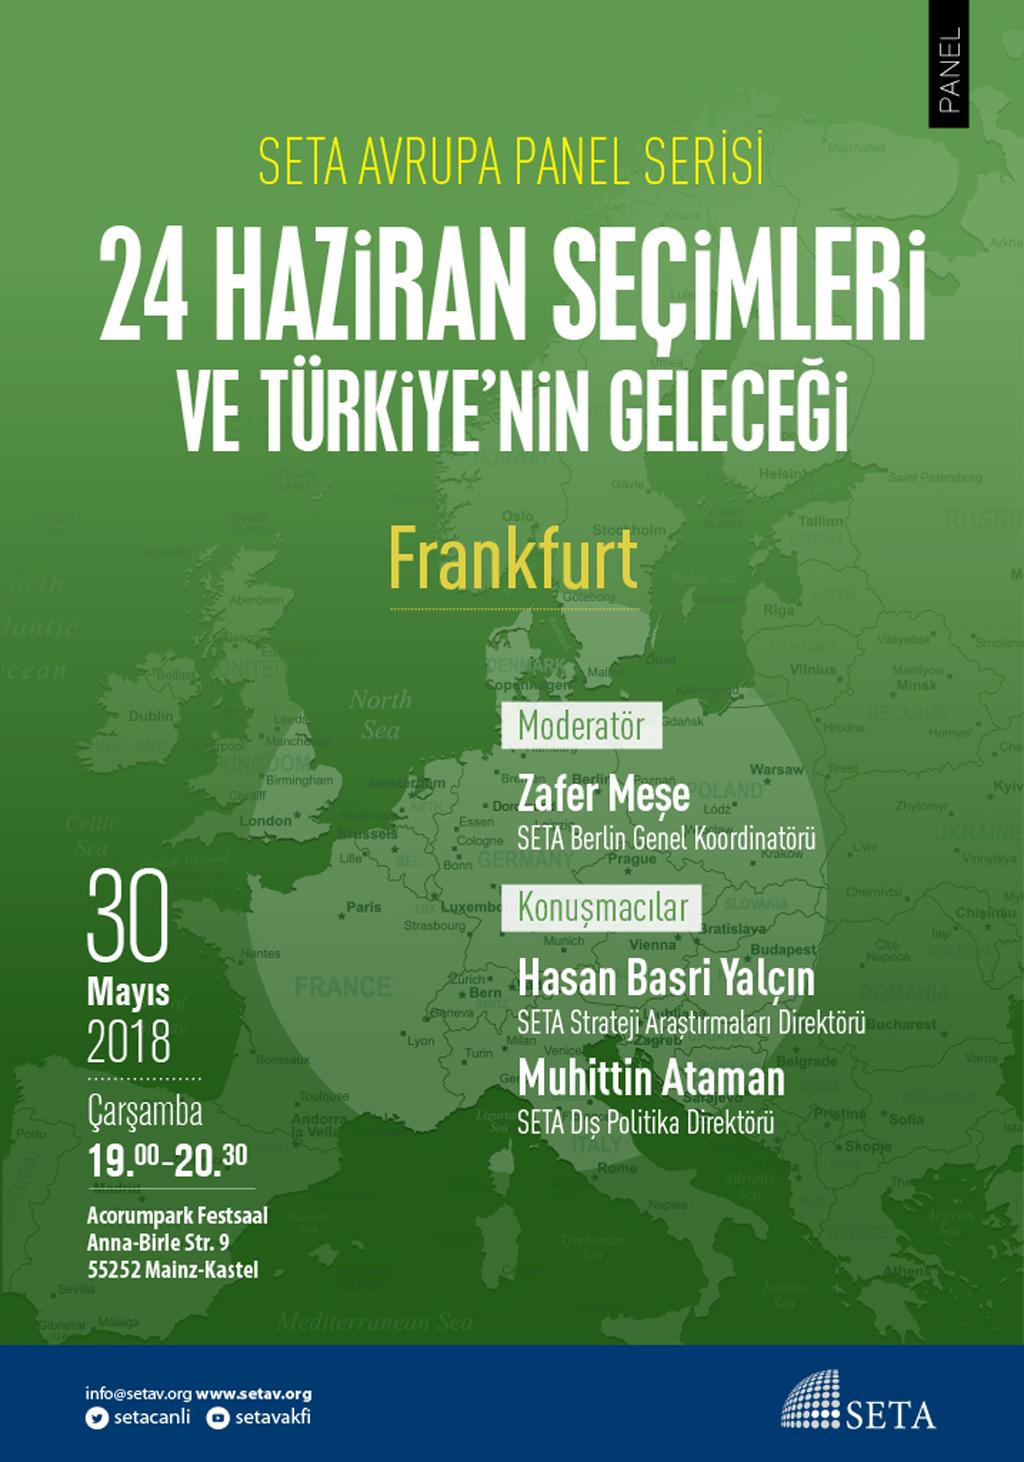 Panel: Frankfurt | 24 Haziran Seçimleri ve Türkiye'nin Geleceği